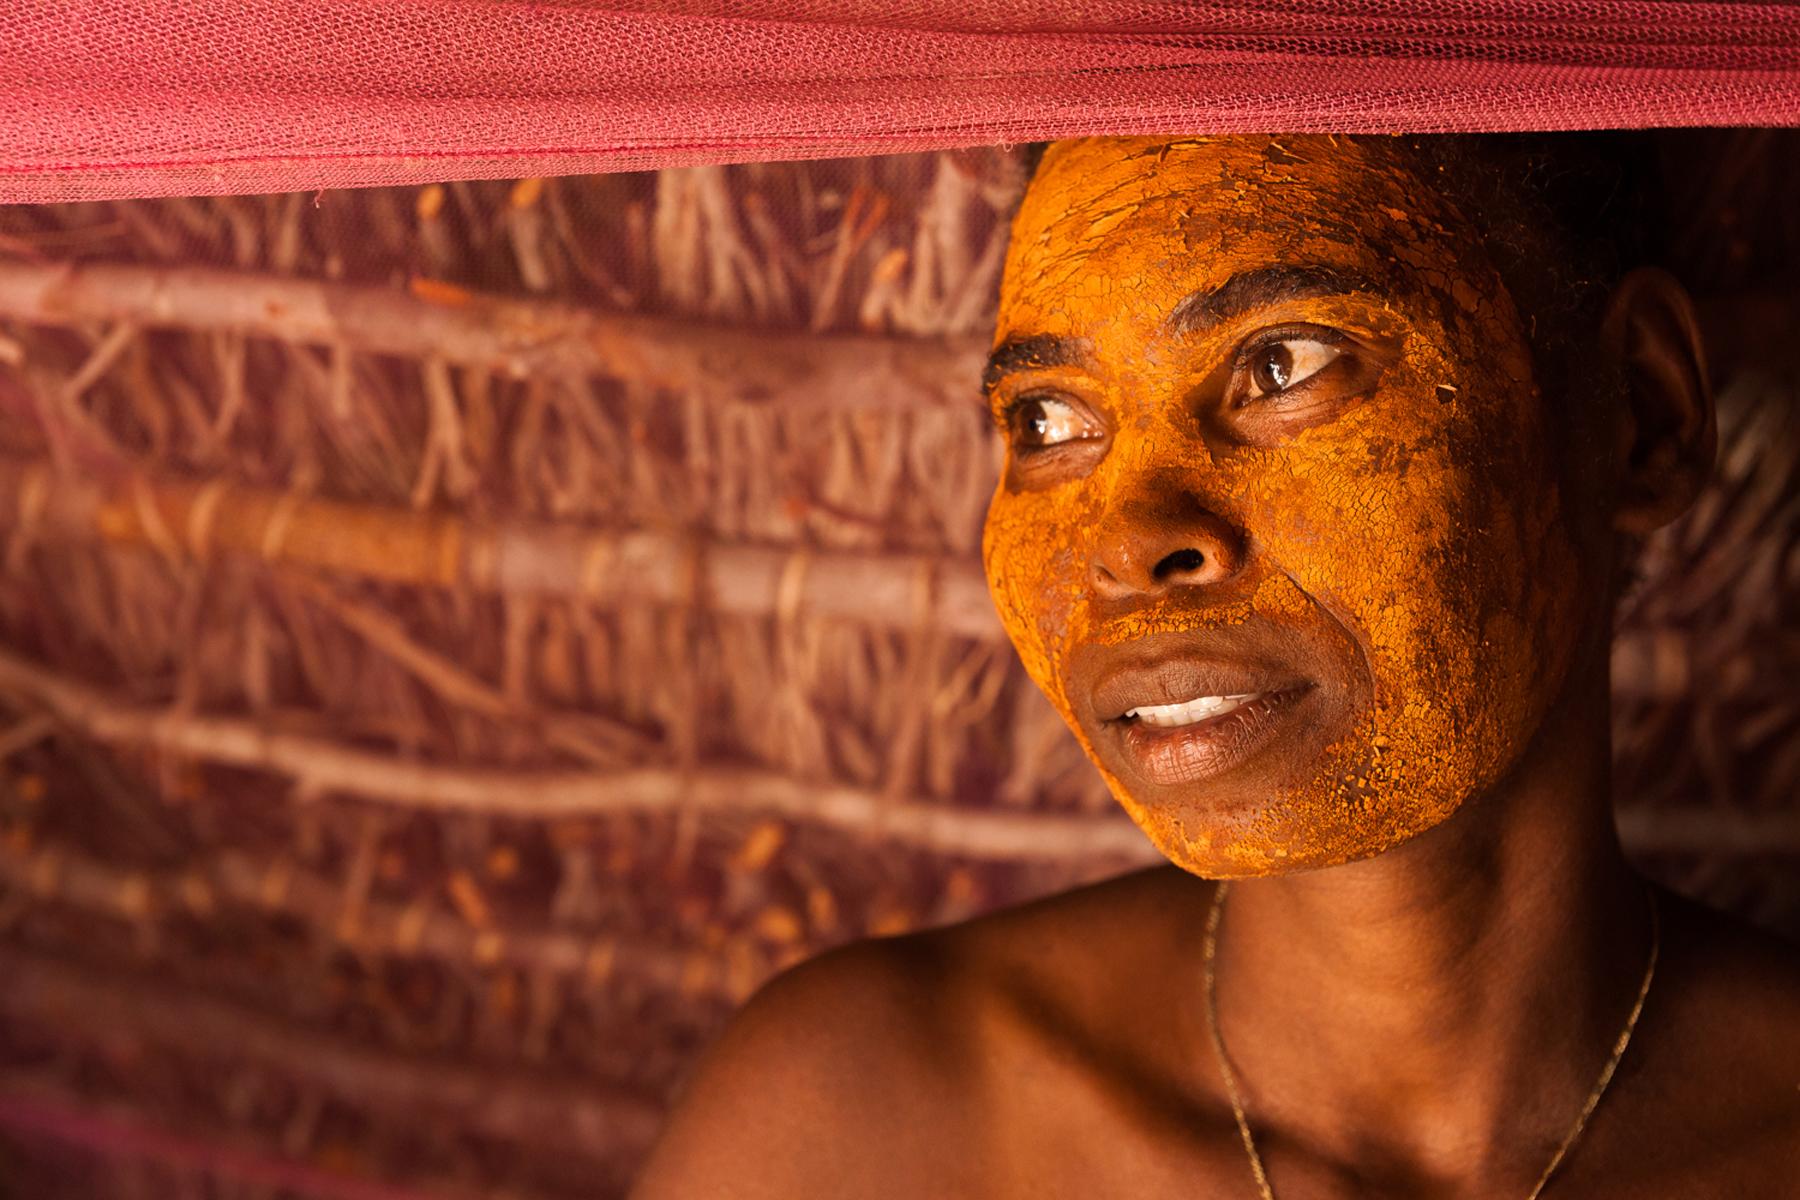 Cristina_Mittermeier_CGM_Madagascar_80208.jpg